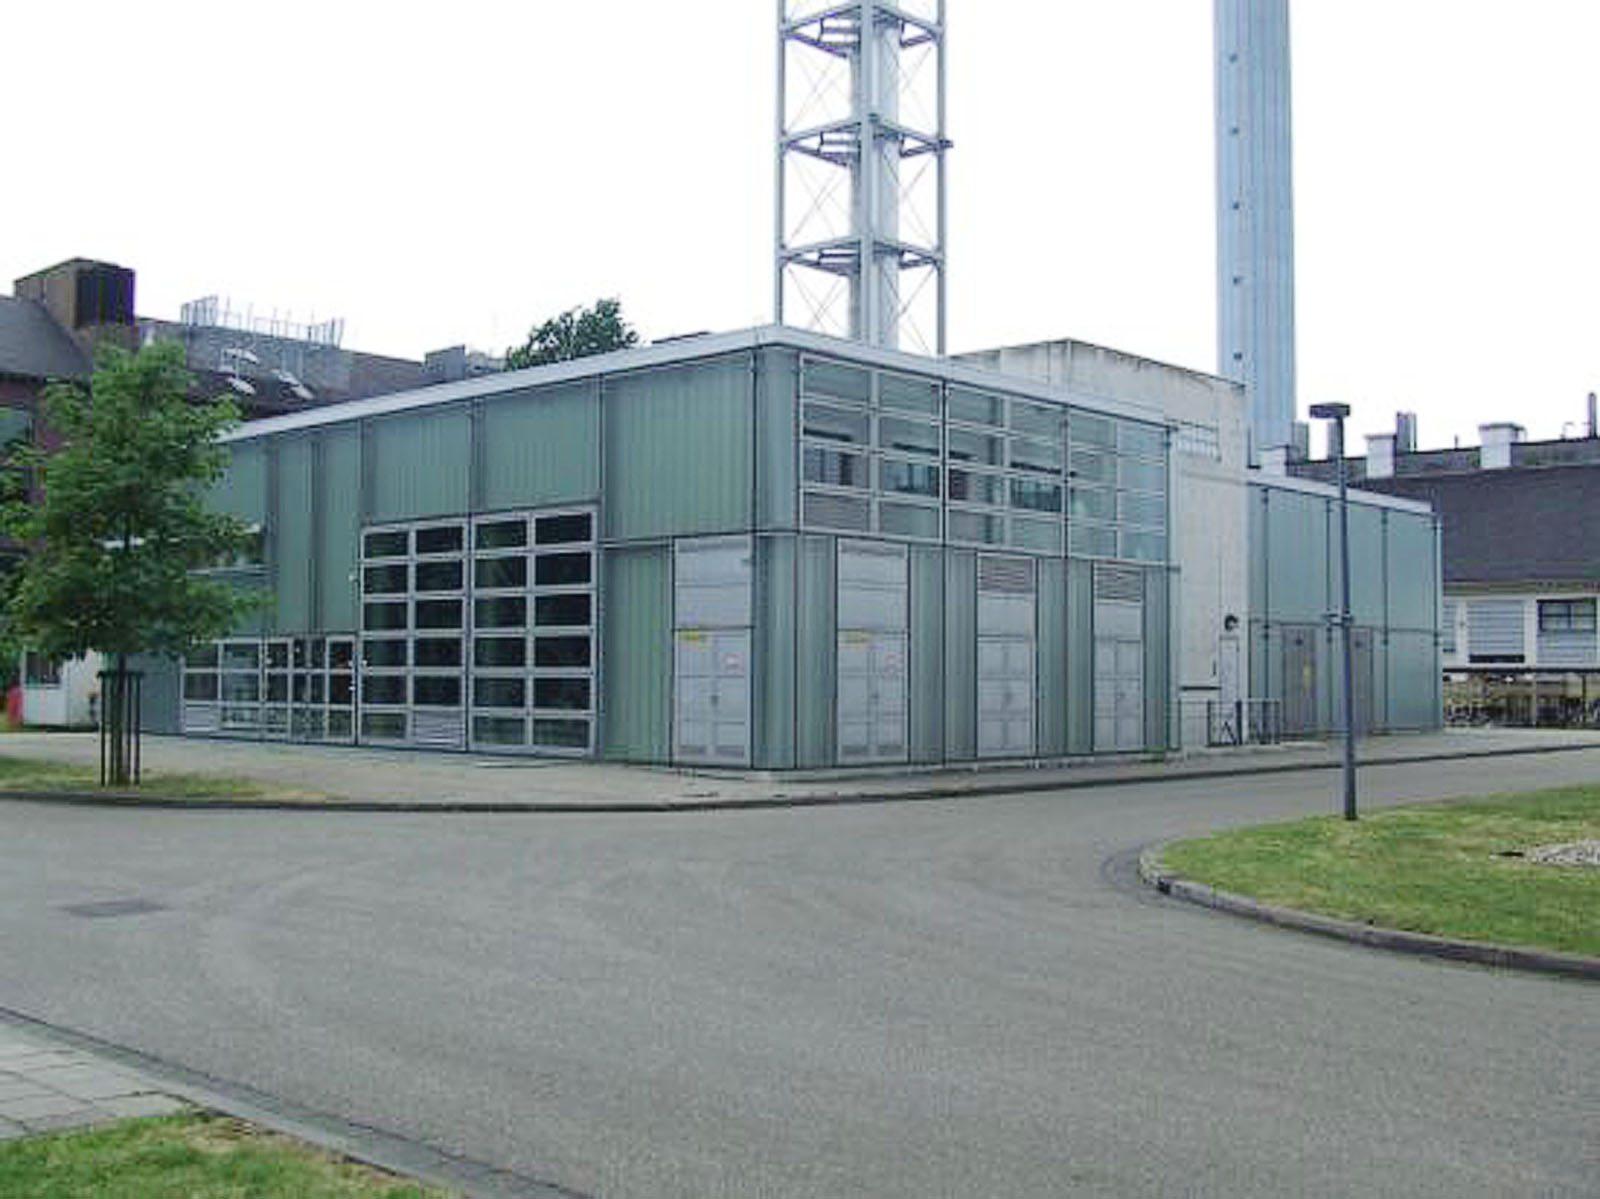 Rijksinstituut voor Volksgezondheid en Milieu (R.I.V.M.)